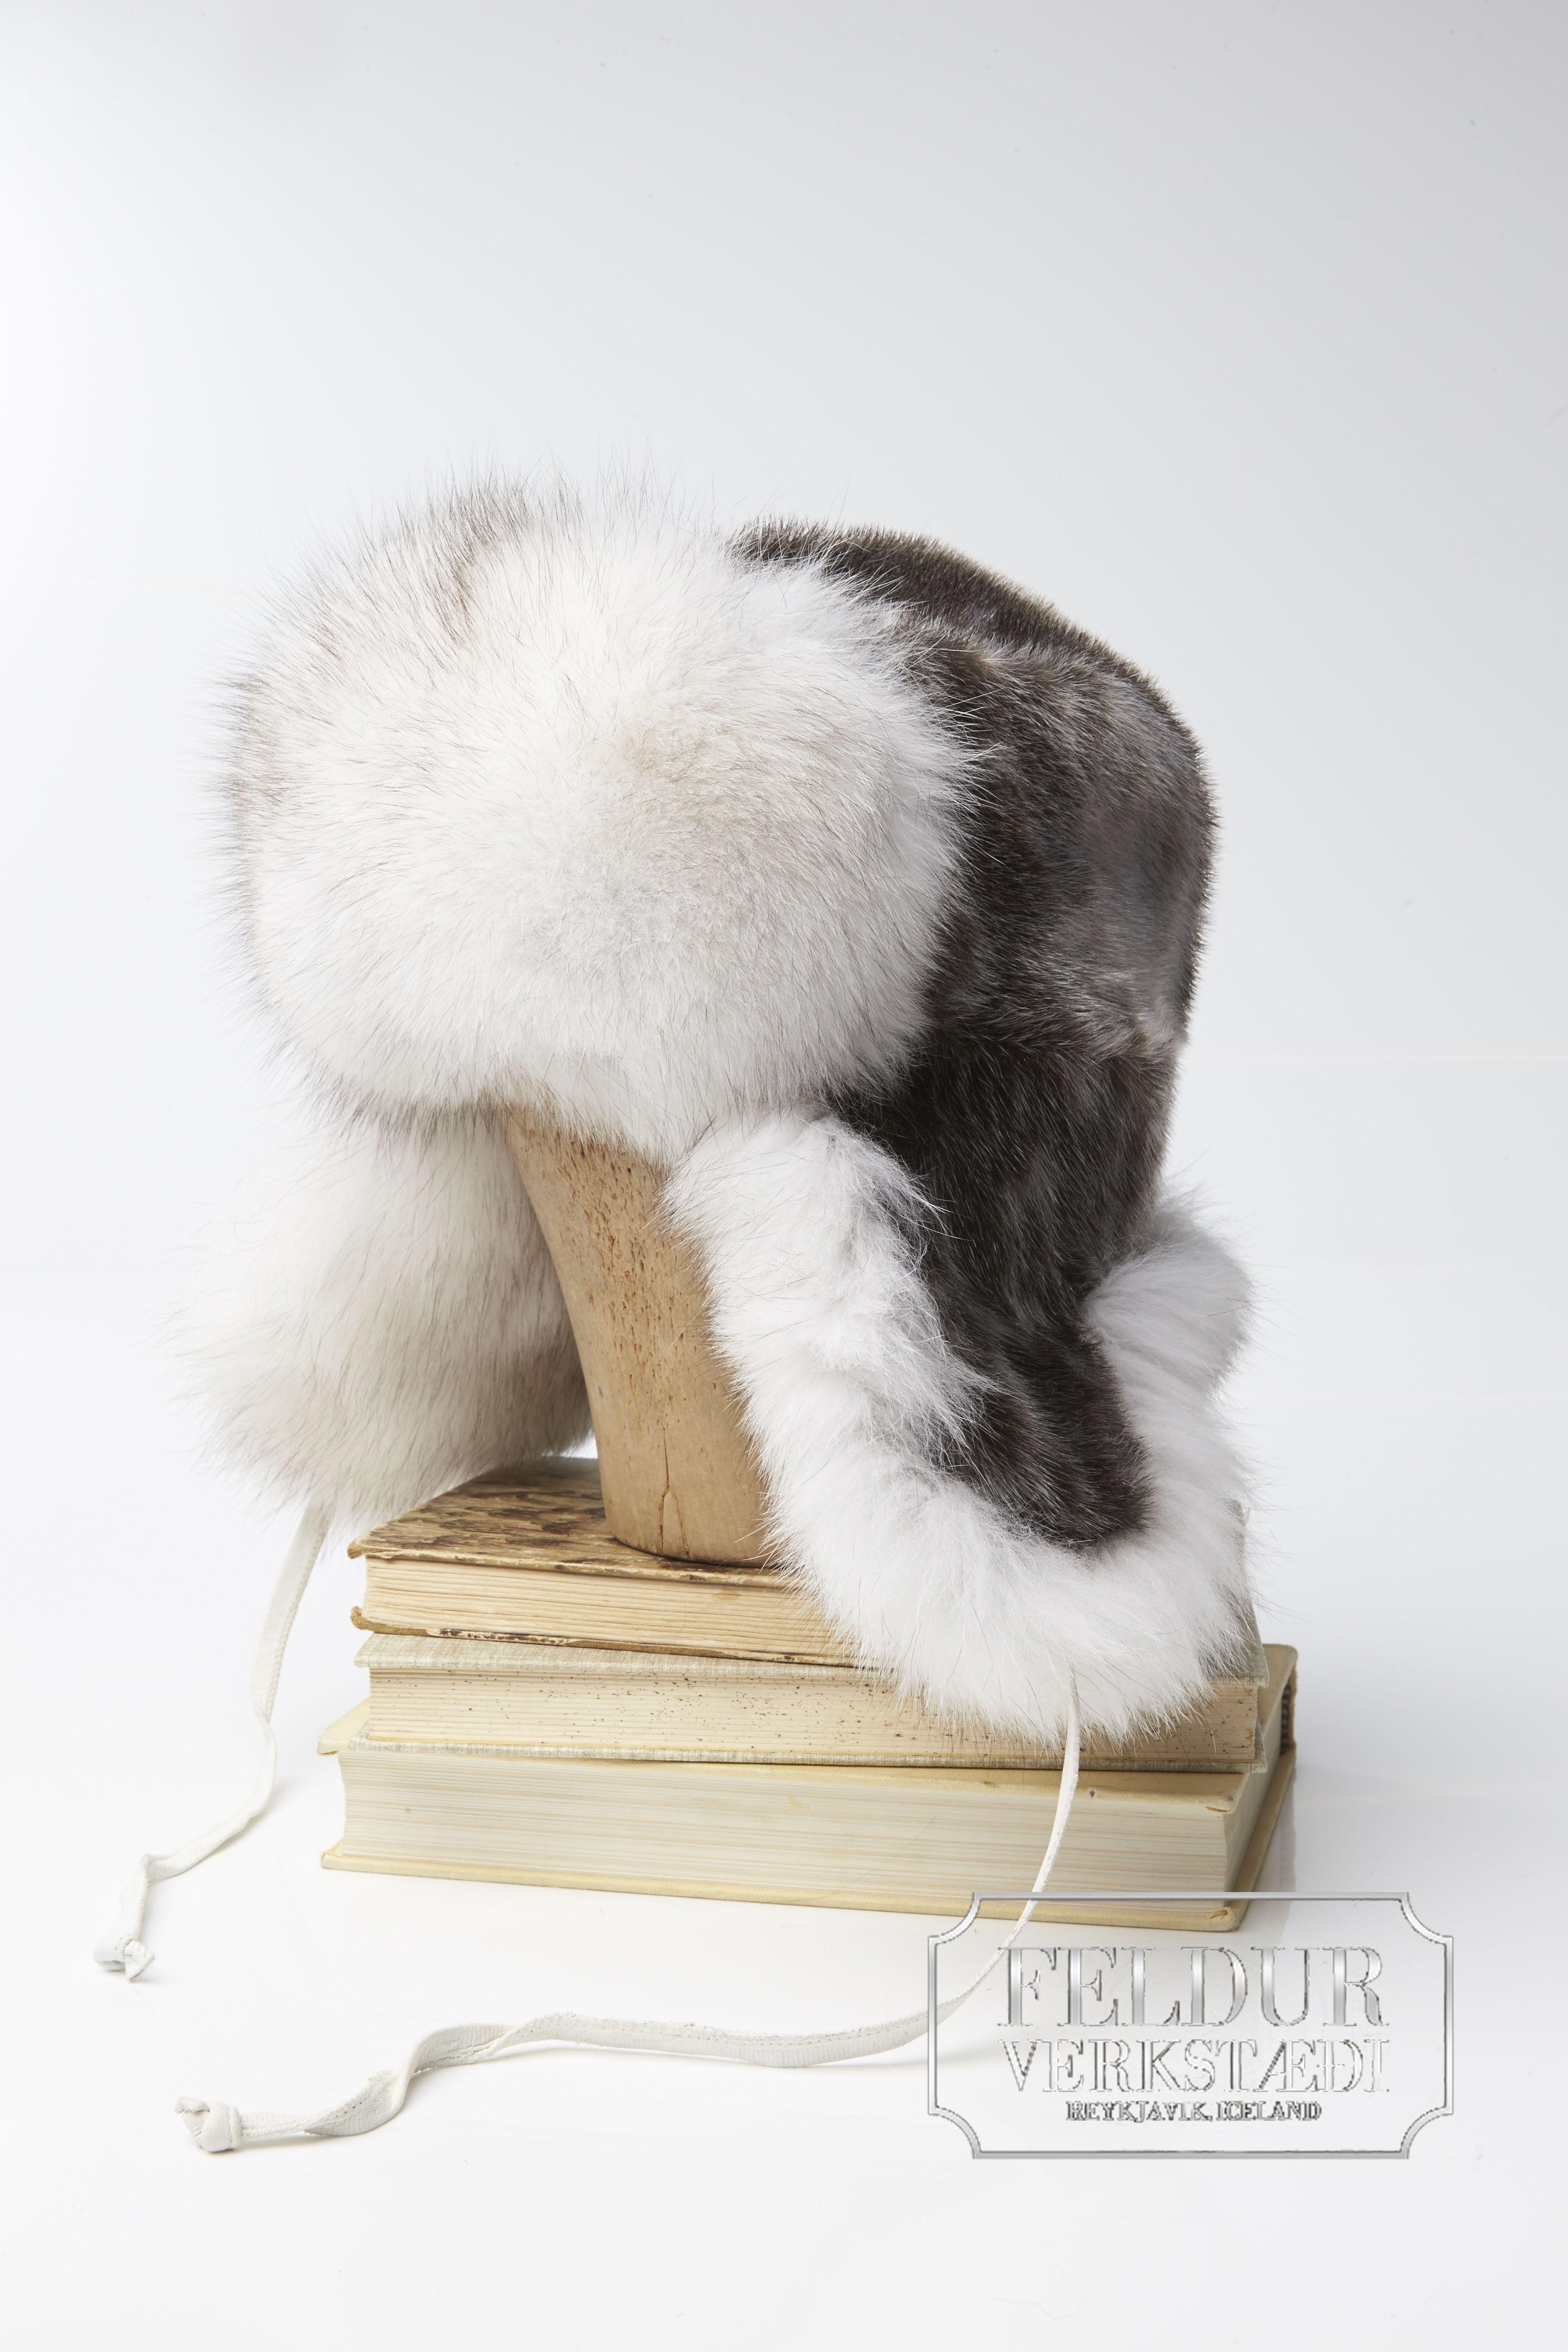 FROST Seal Skin Hat w  Blue Fox Fur www.feldur.is  1215a46b9db8